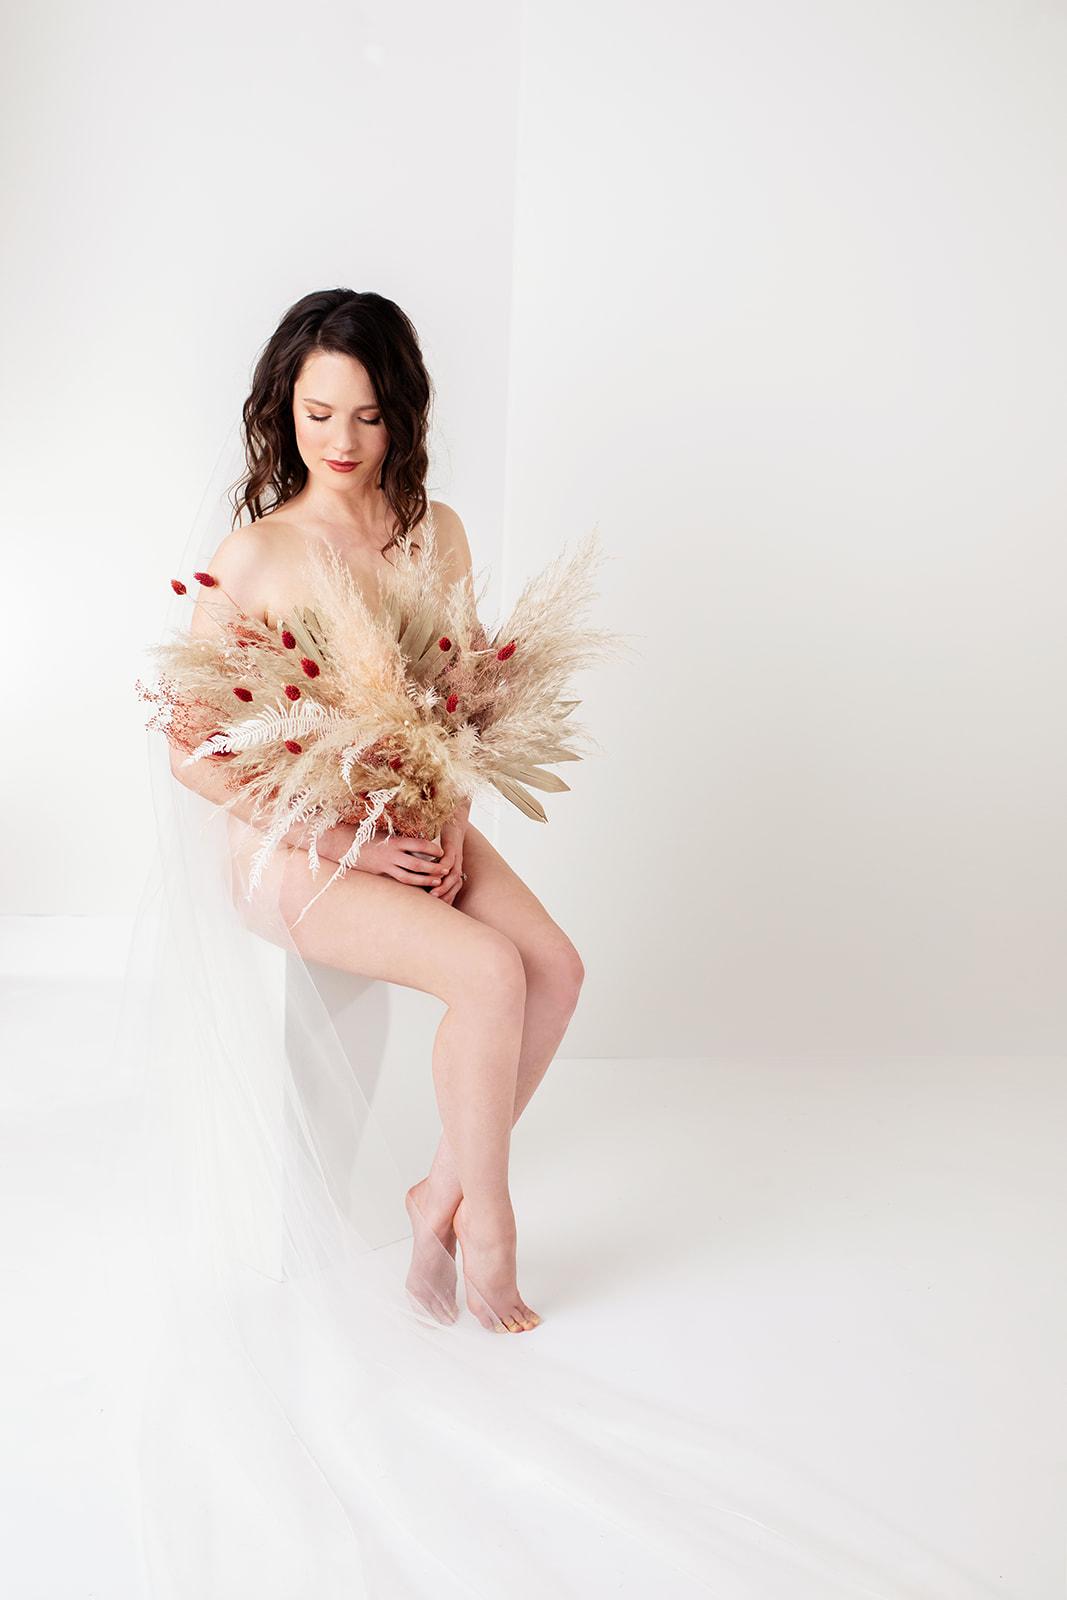 Jada Parrish